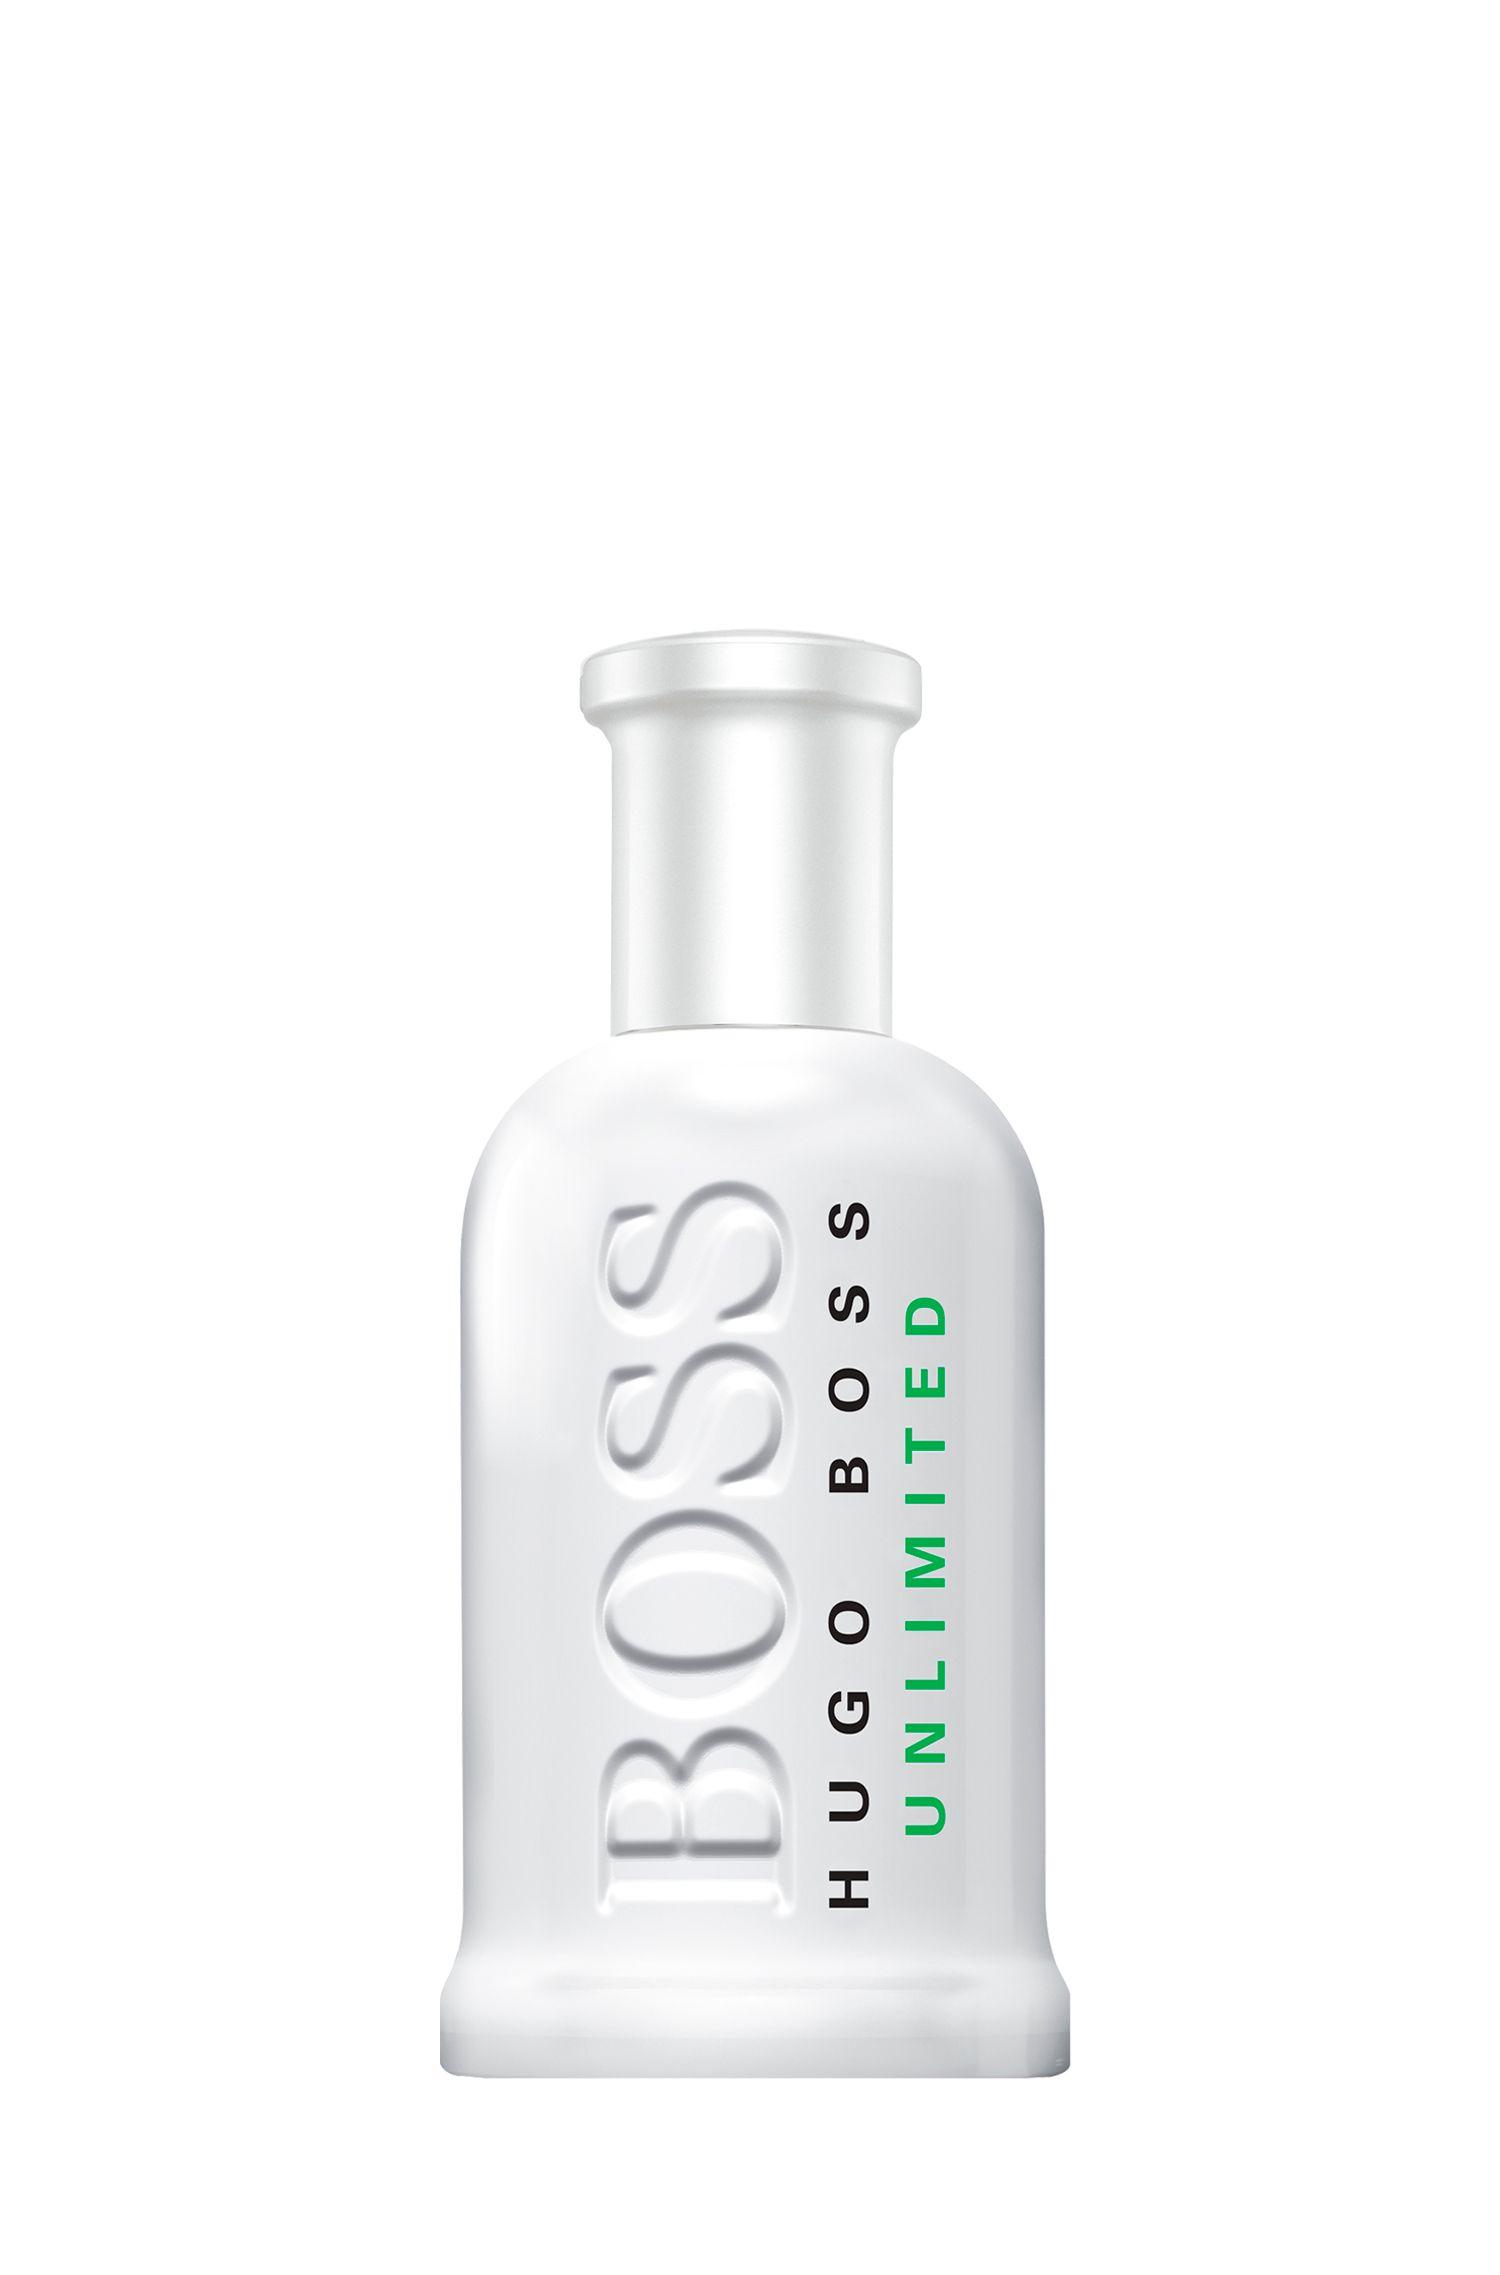 Eau de Toilette BOSS Bottled Unlimited, 50ml, Assorted-Pre-Pack